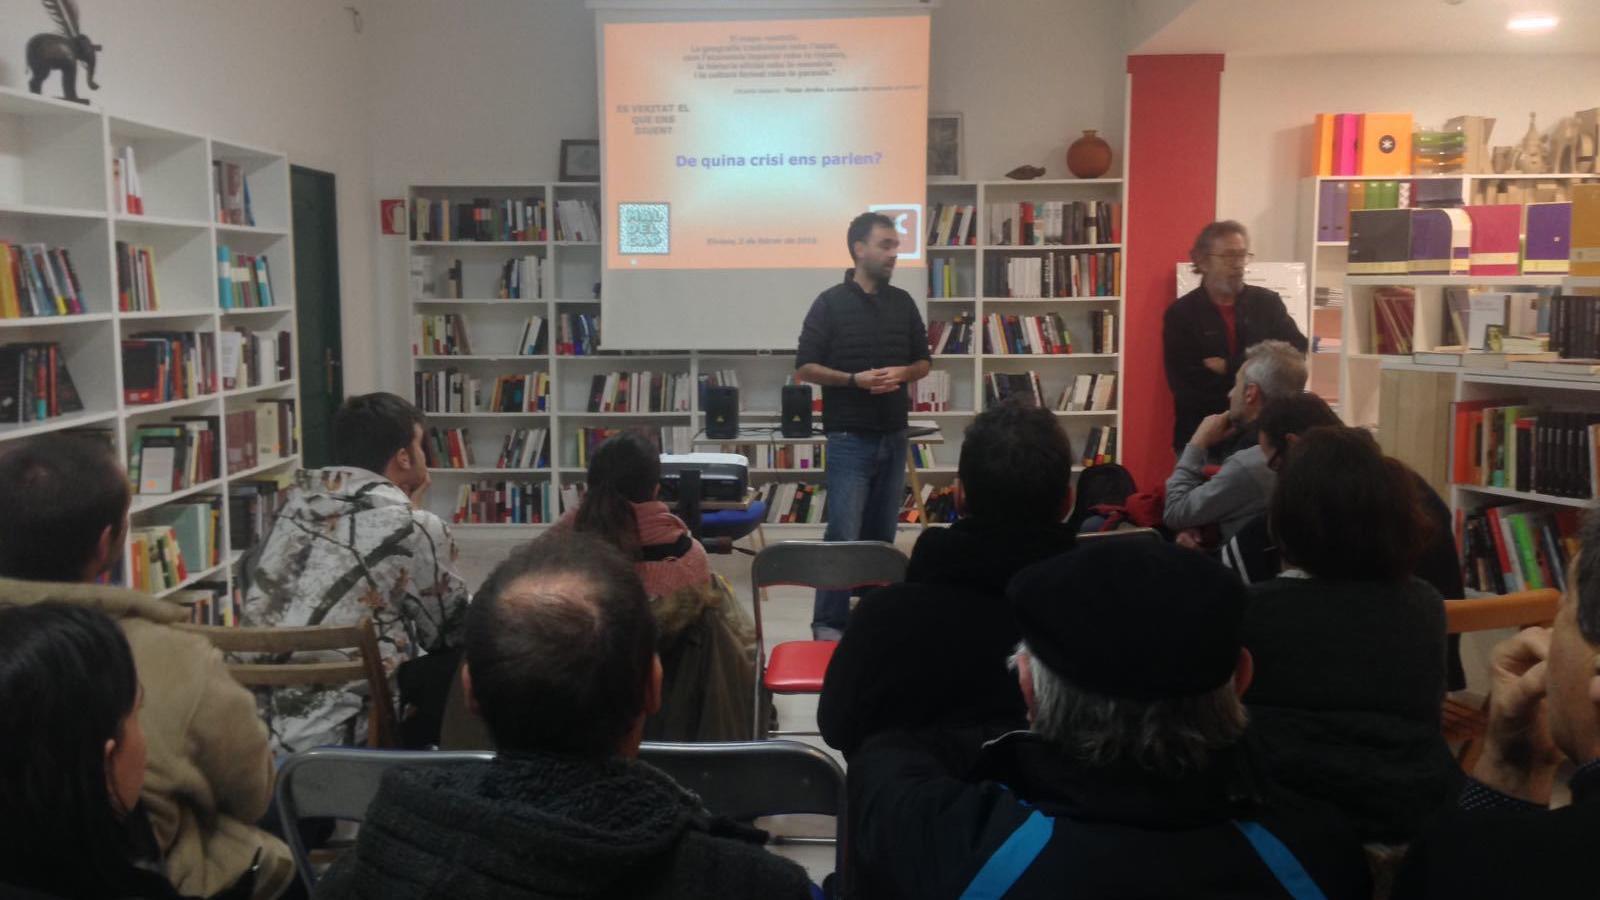 La xerrada s'ha desenvolupat a la llibreria Sa Cultural d'Eivissa. / ASSOCIACIÓ MAL DE CAP